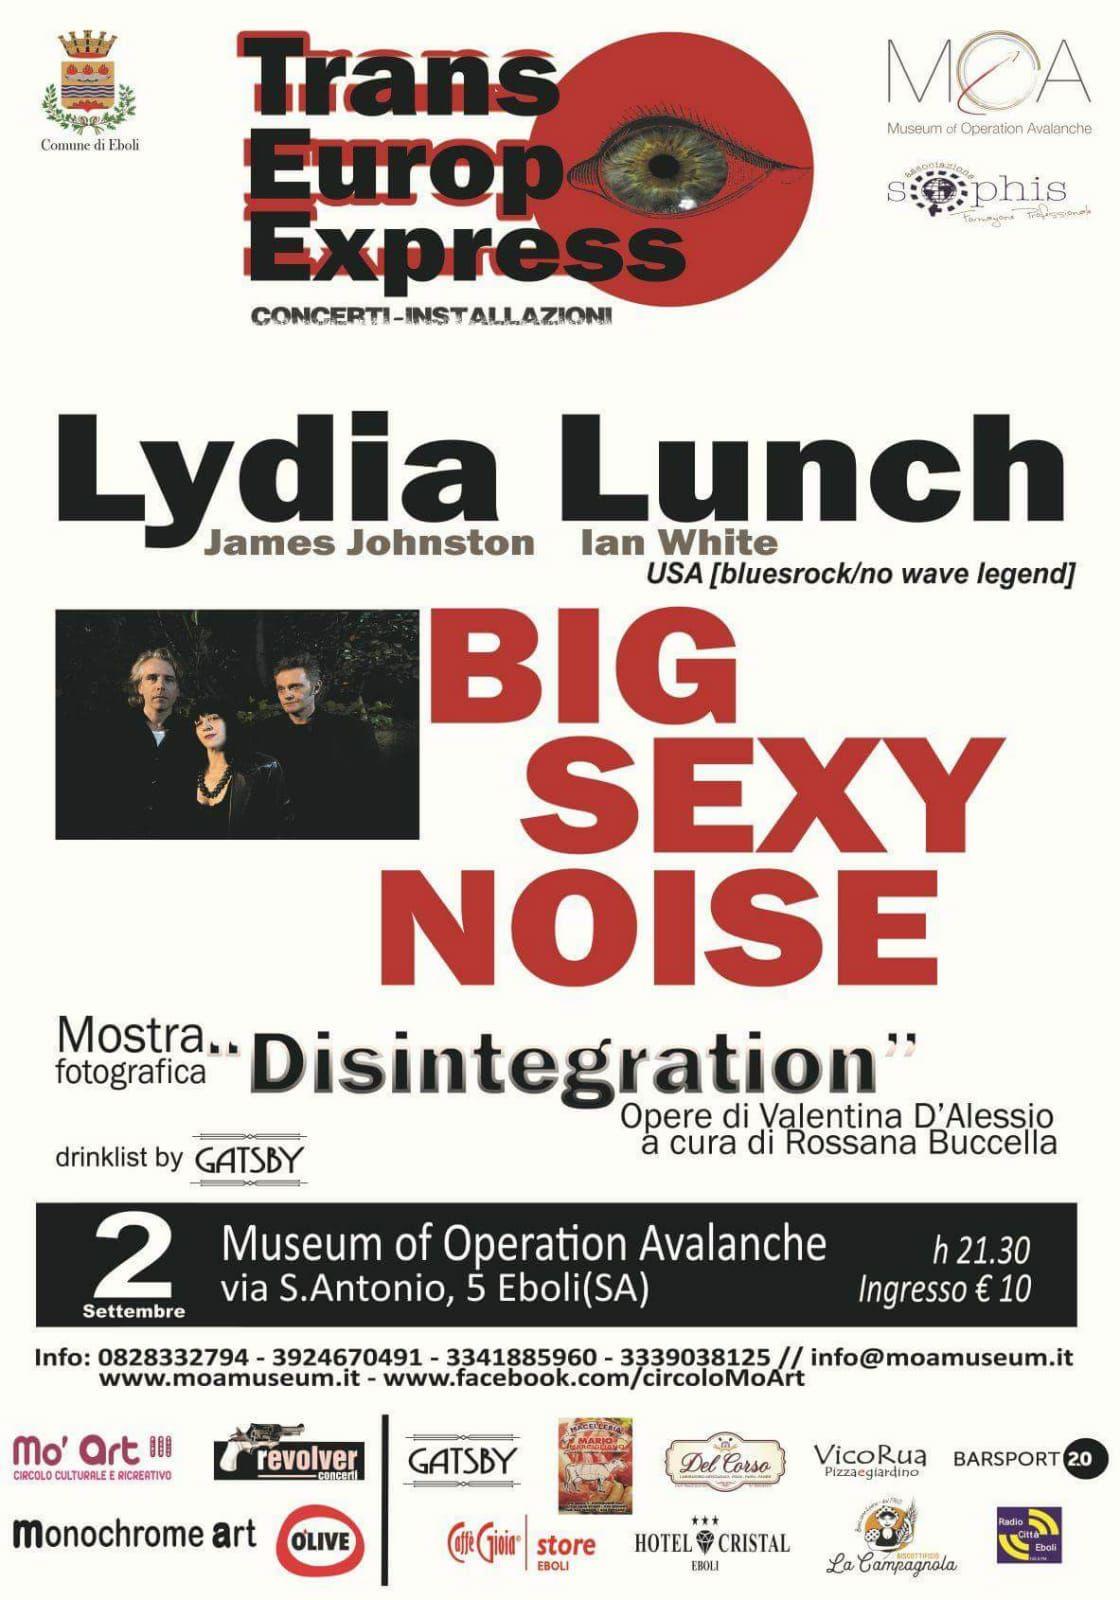 Lydia Lunch al Moa di Eboli il 2 settembre